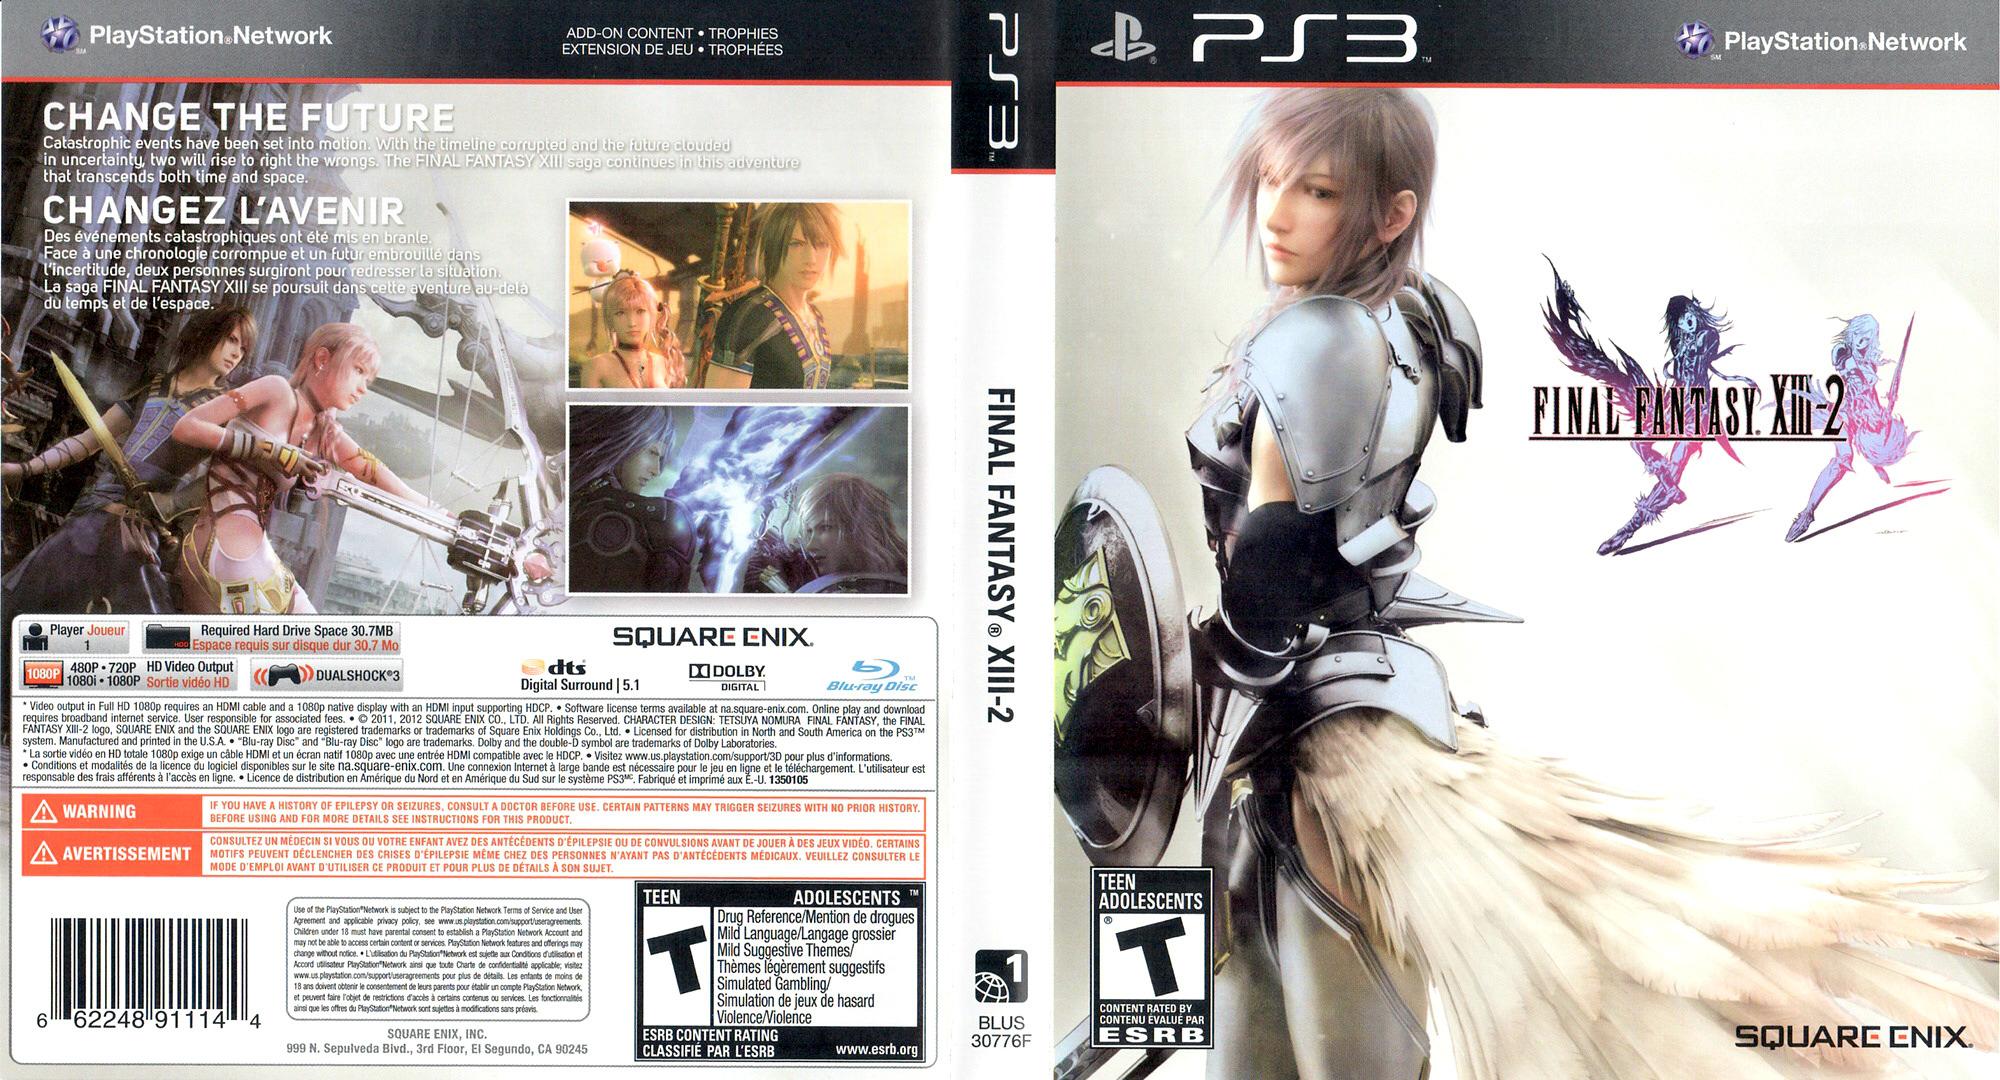 Release Date >> BLUS30776 - Final Fantasy XIII-2